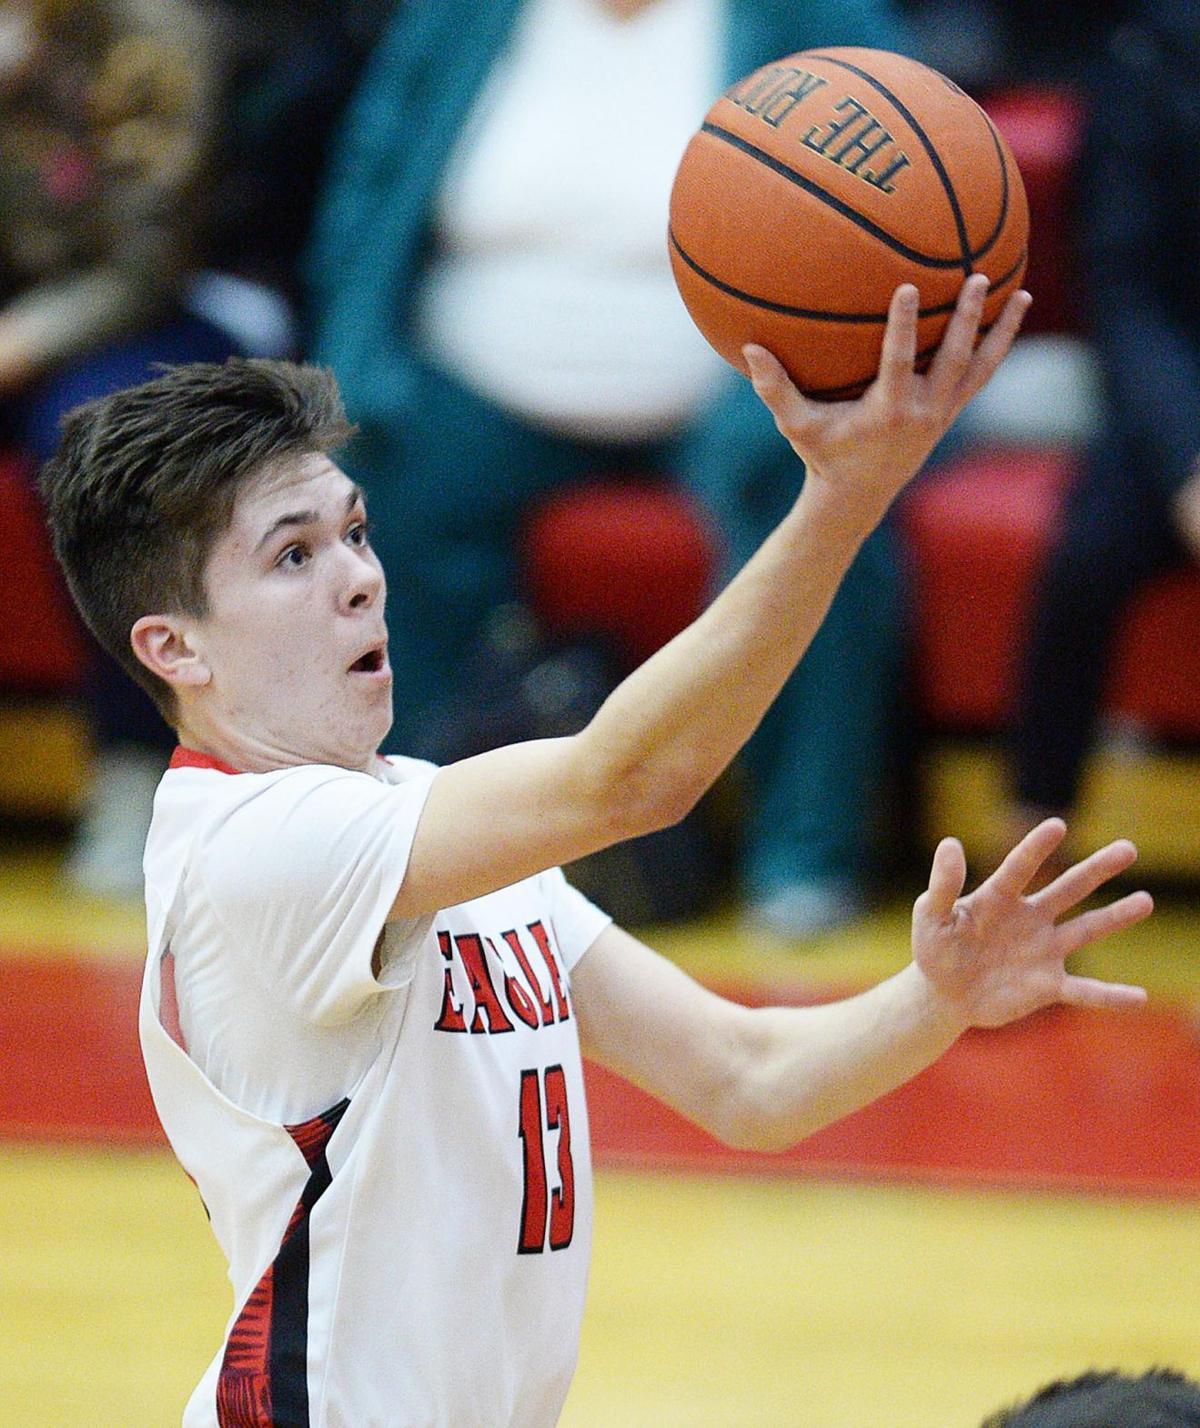 Carlisle at Cumberland Valley Boys Basketball (copy)